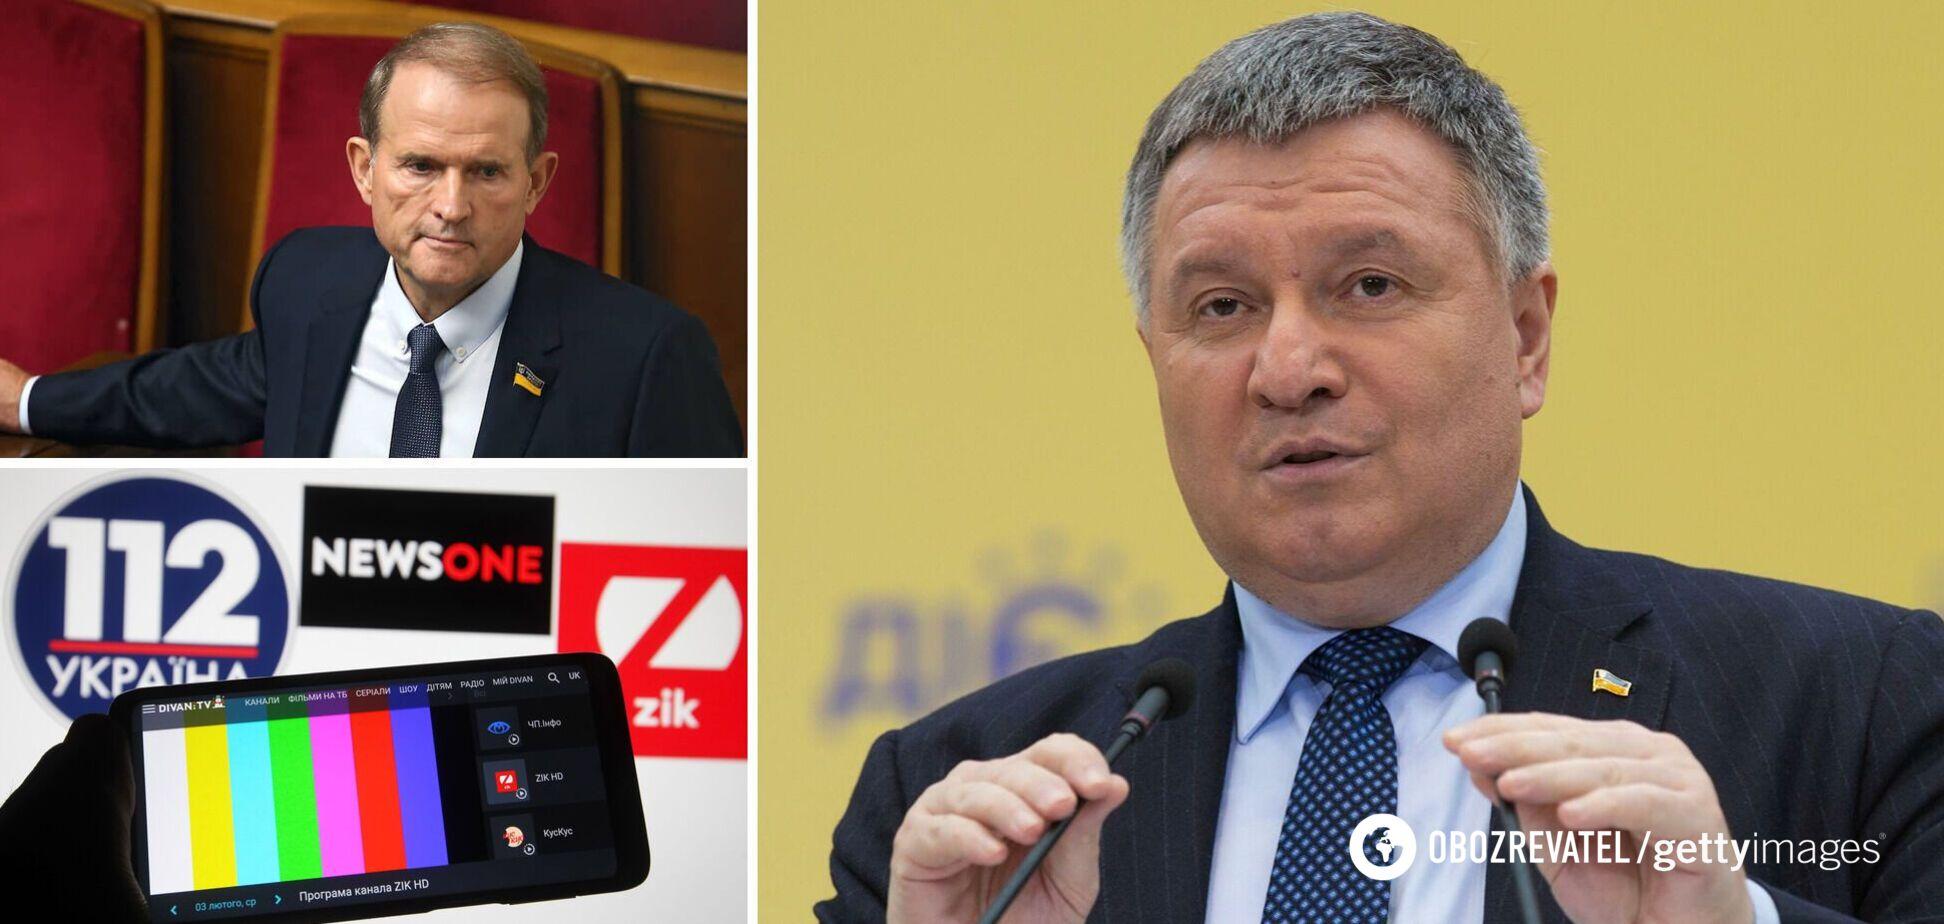 Аваков зізнався, що був ініціатором санкцій проти каналів Медведчука